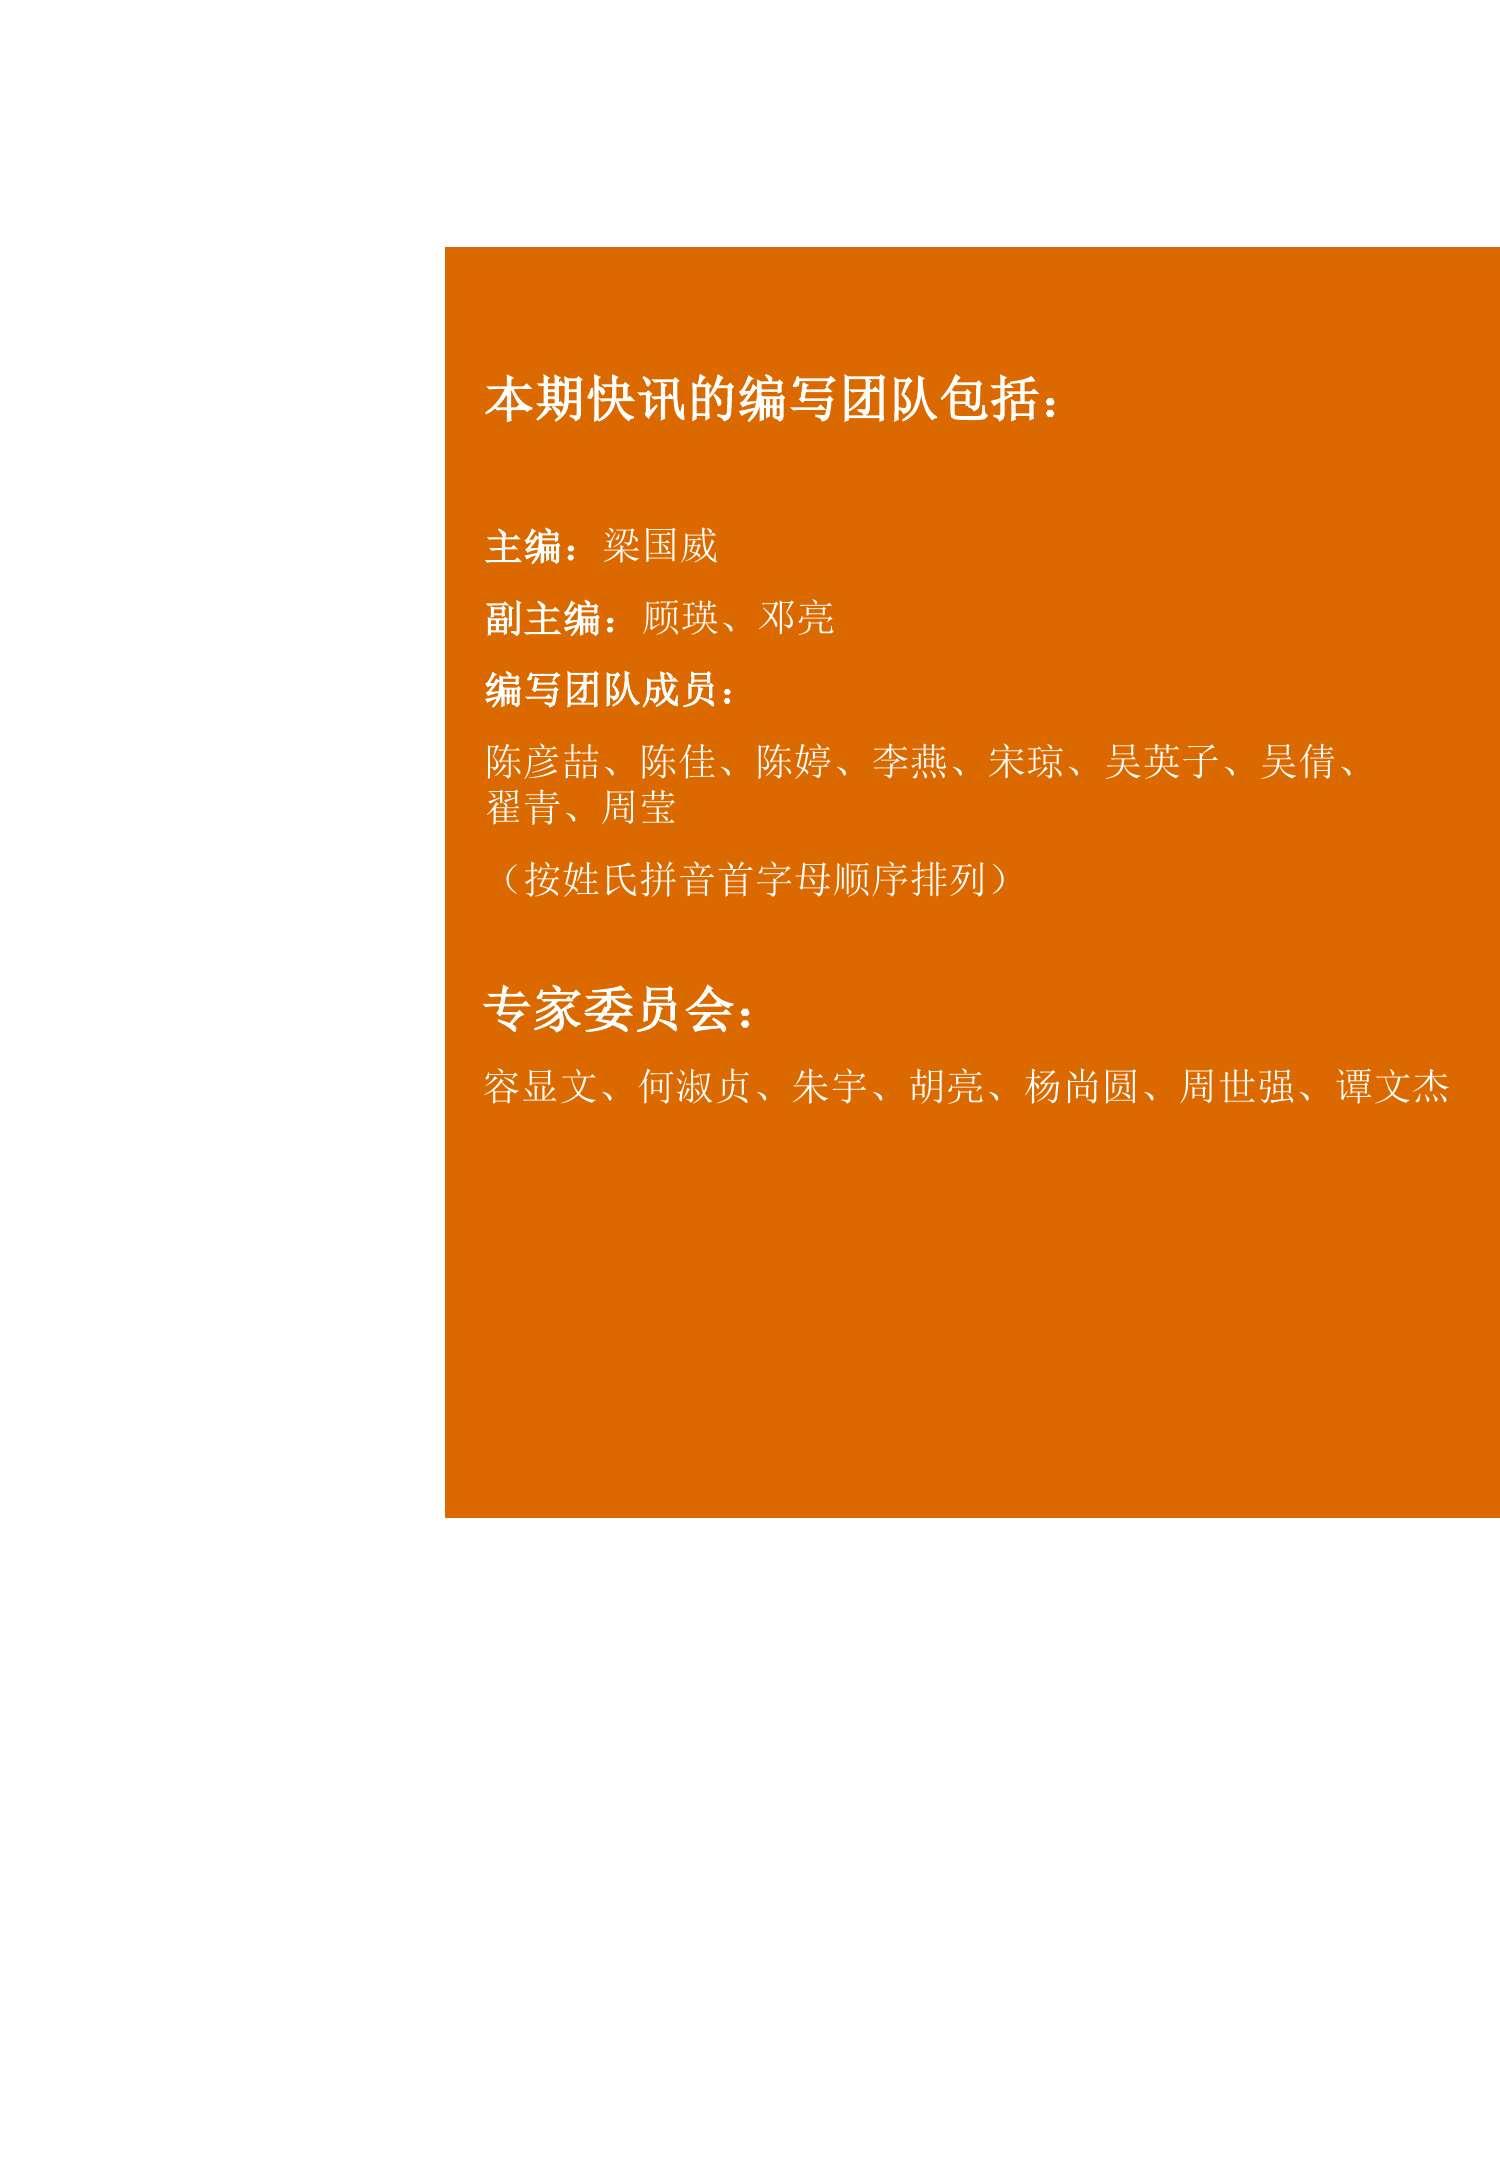 普华永道:2015年中国银行业回顾与展望_000002